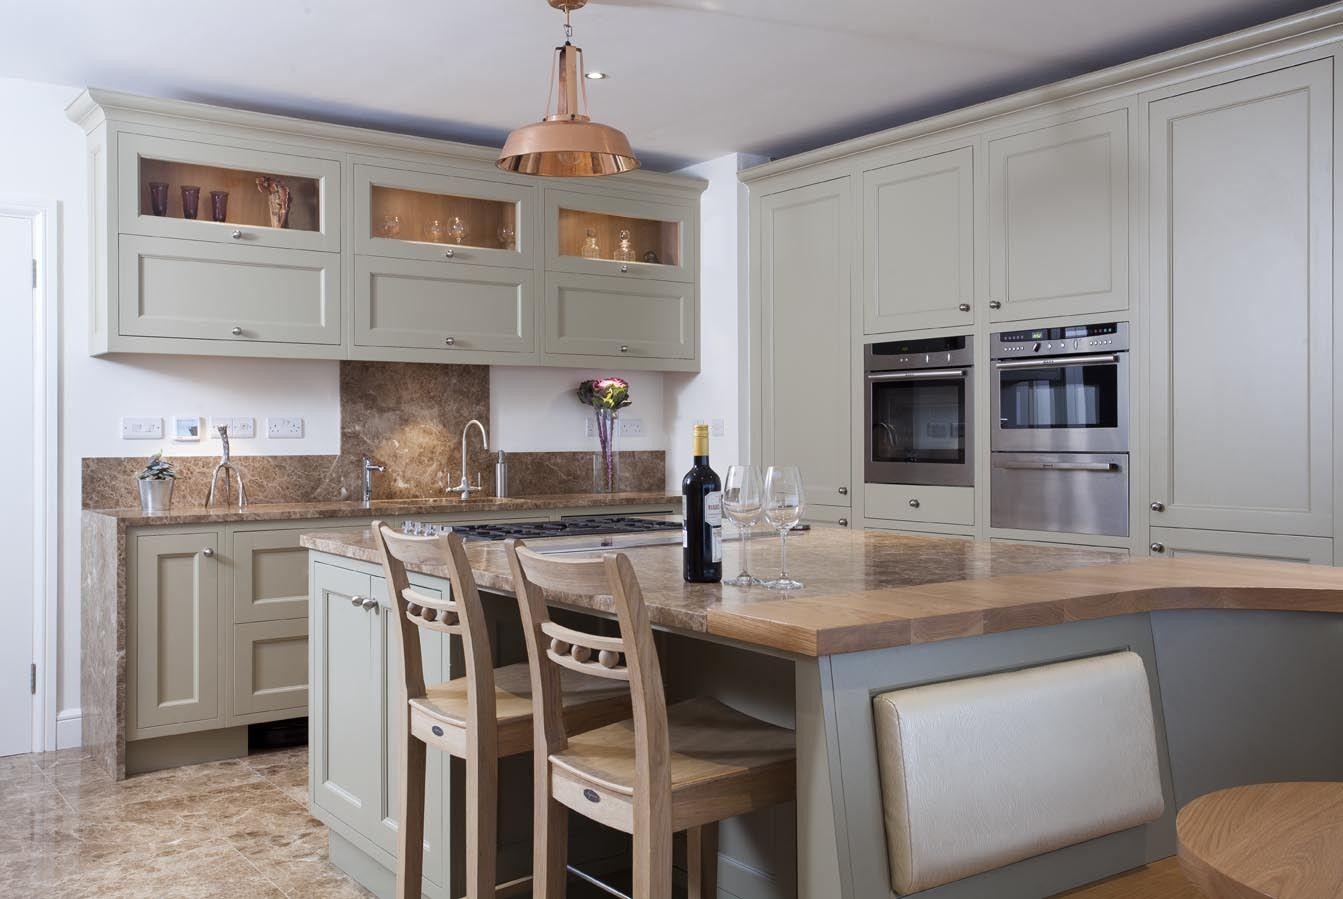 kitchens ireland - Google Search | kitchen | Pinterest | Diner ideas ...